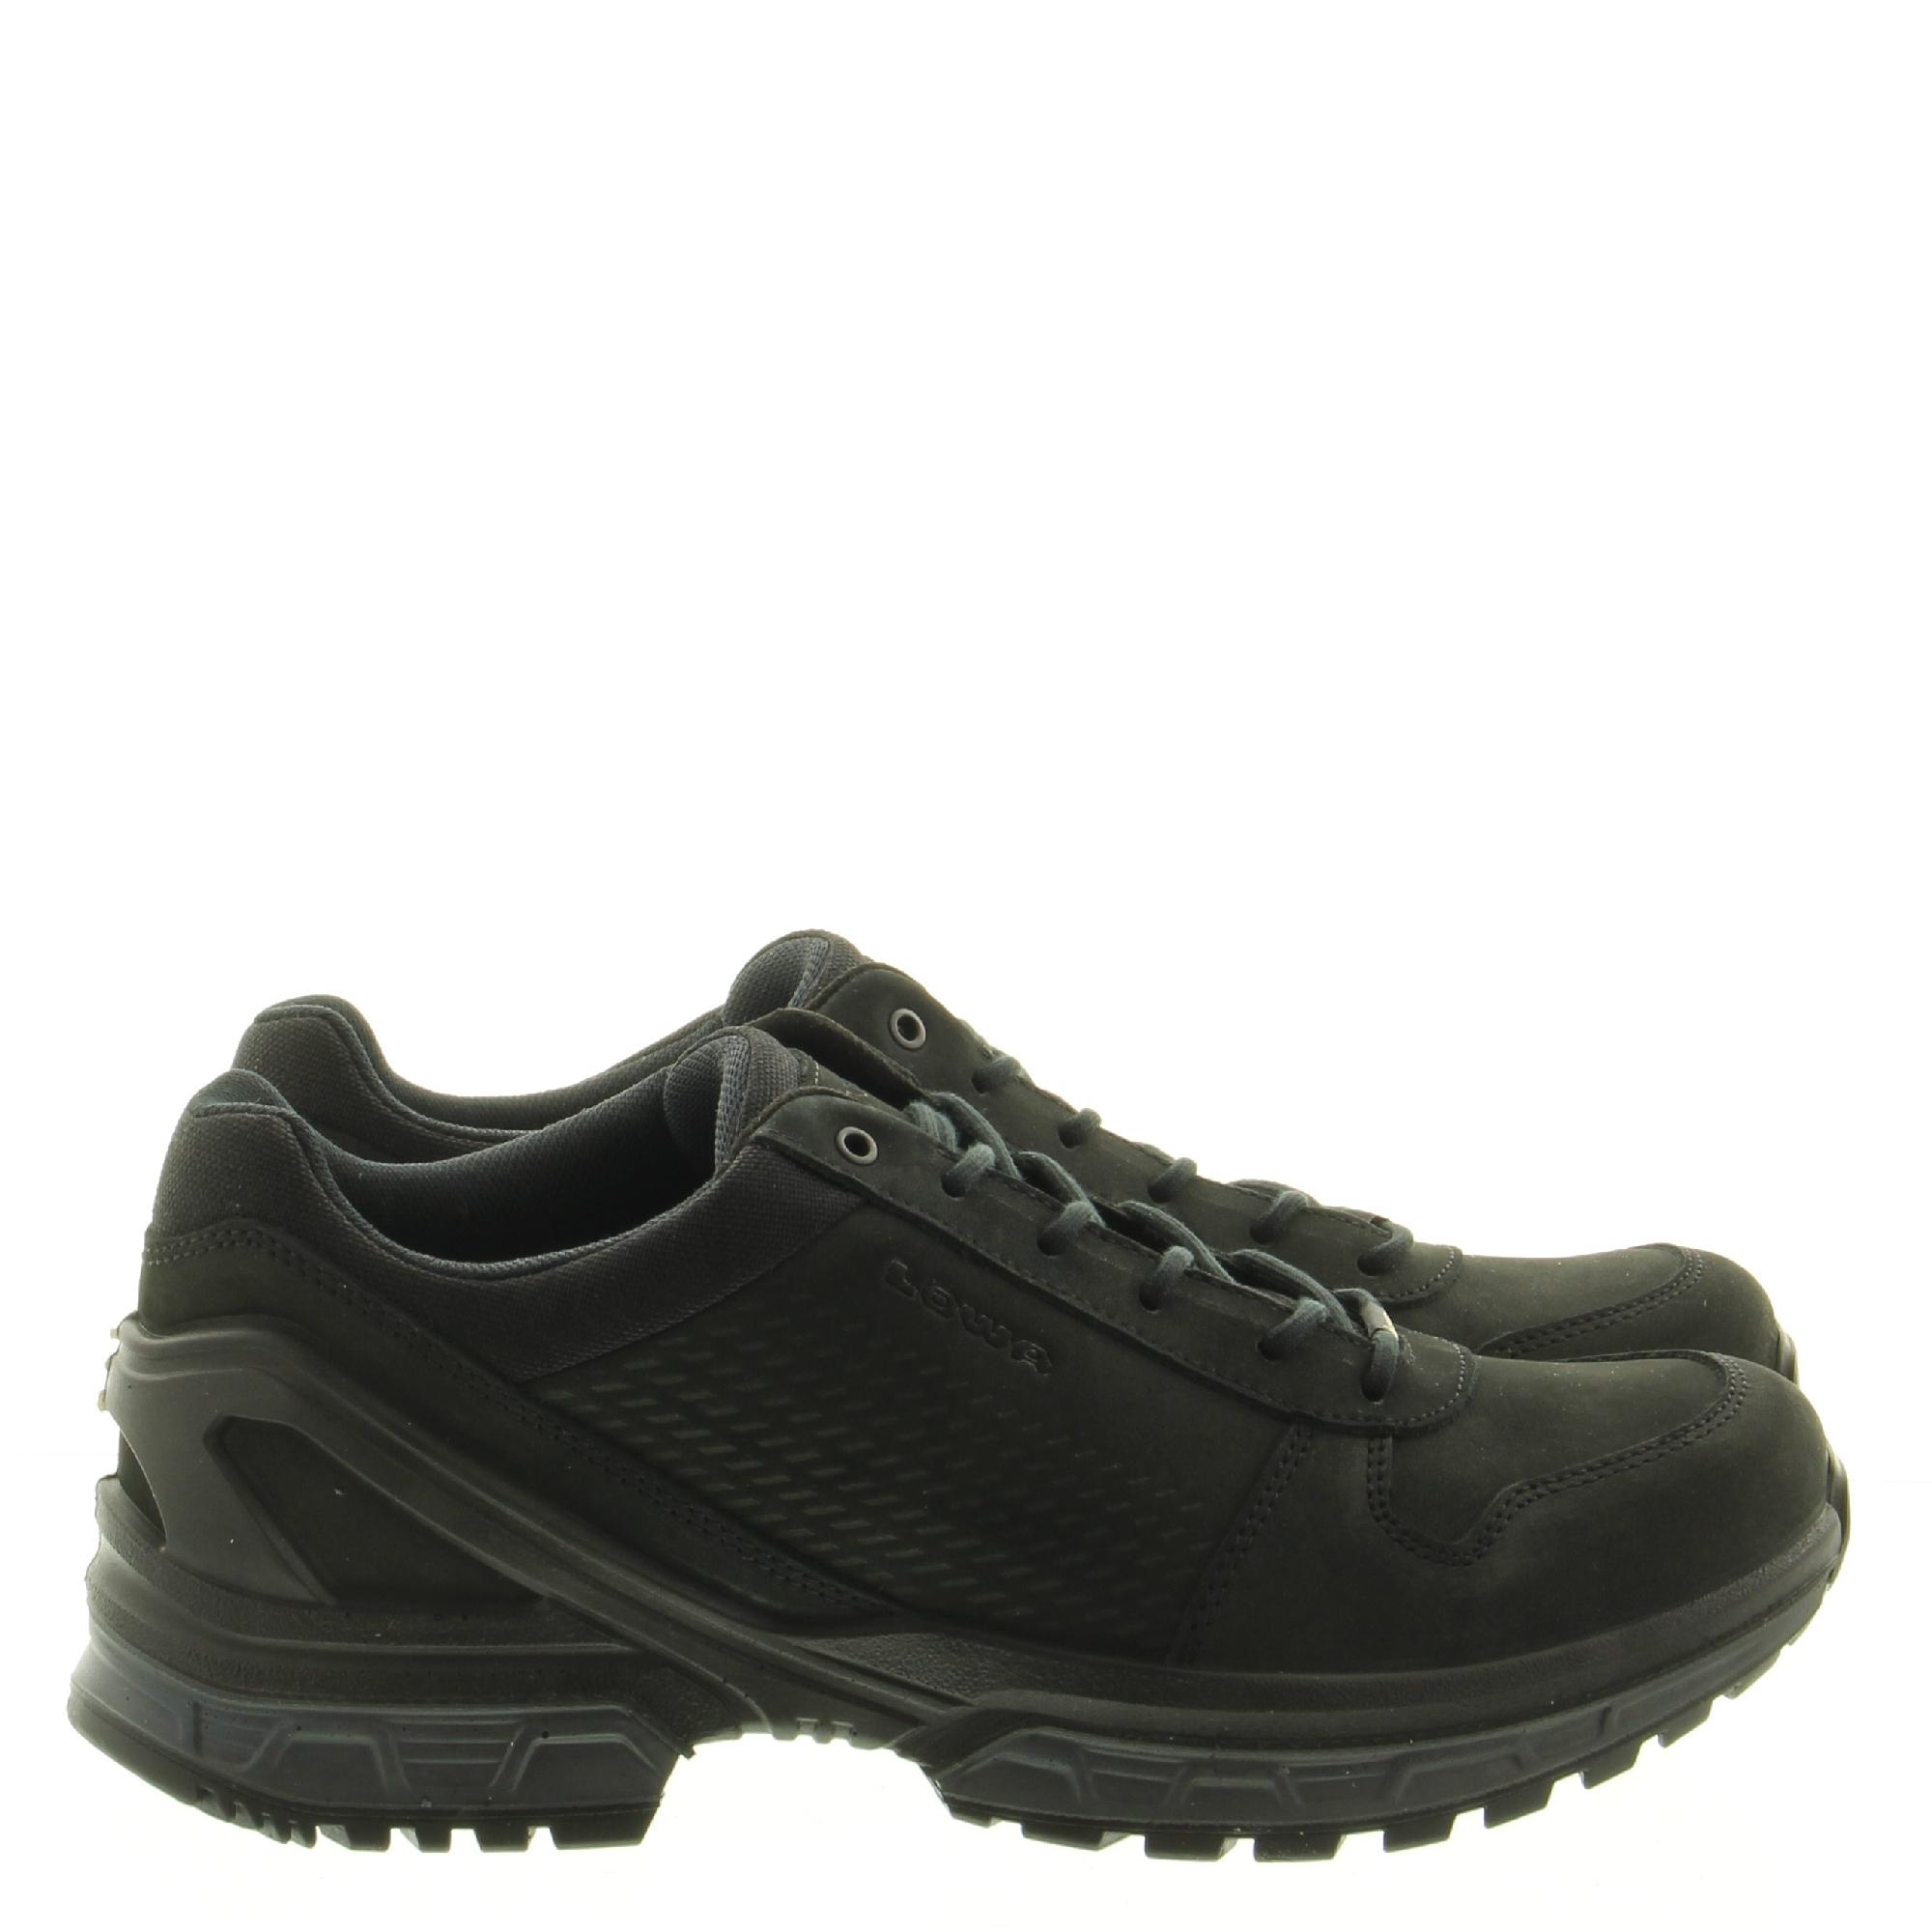 Lowa Walker GTX Lo 310819 0999 Black